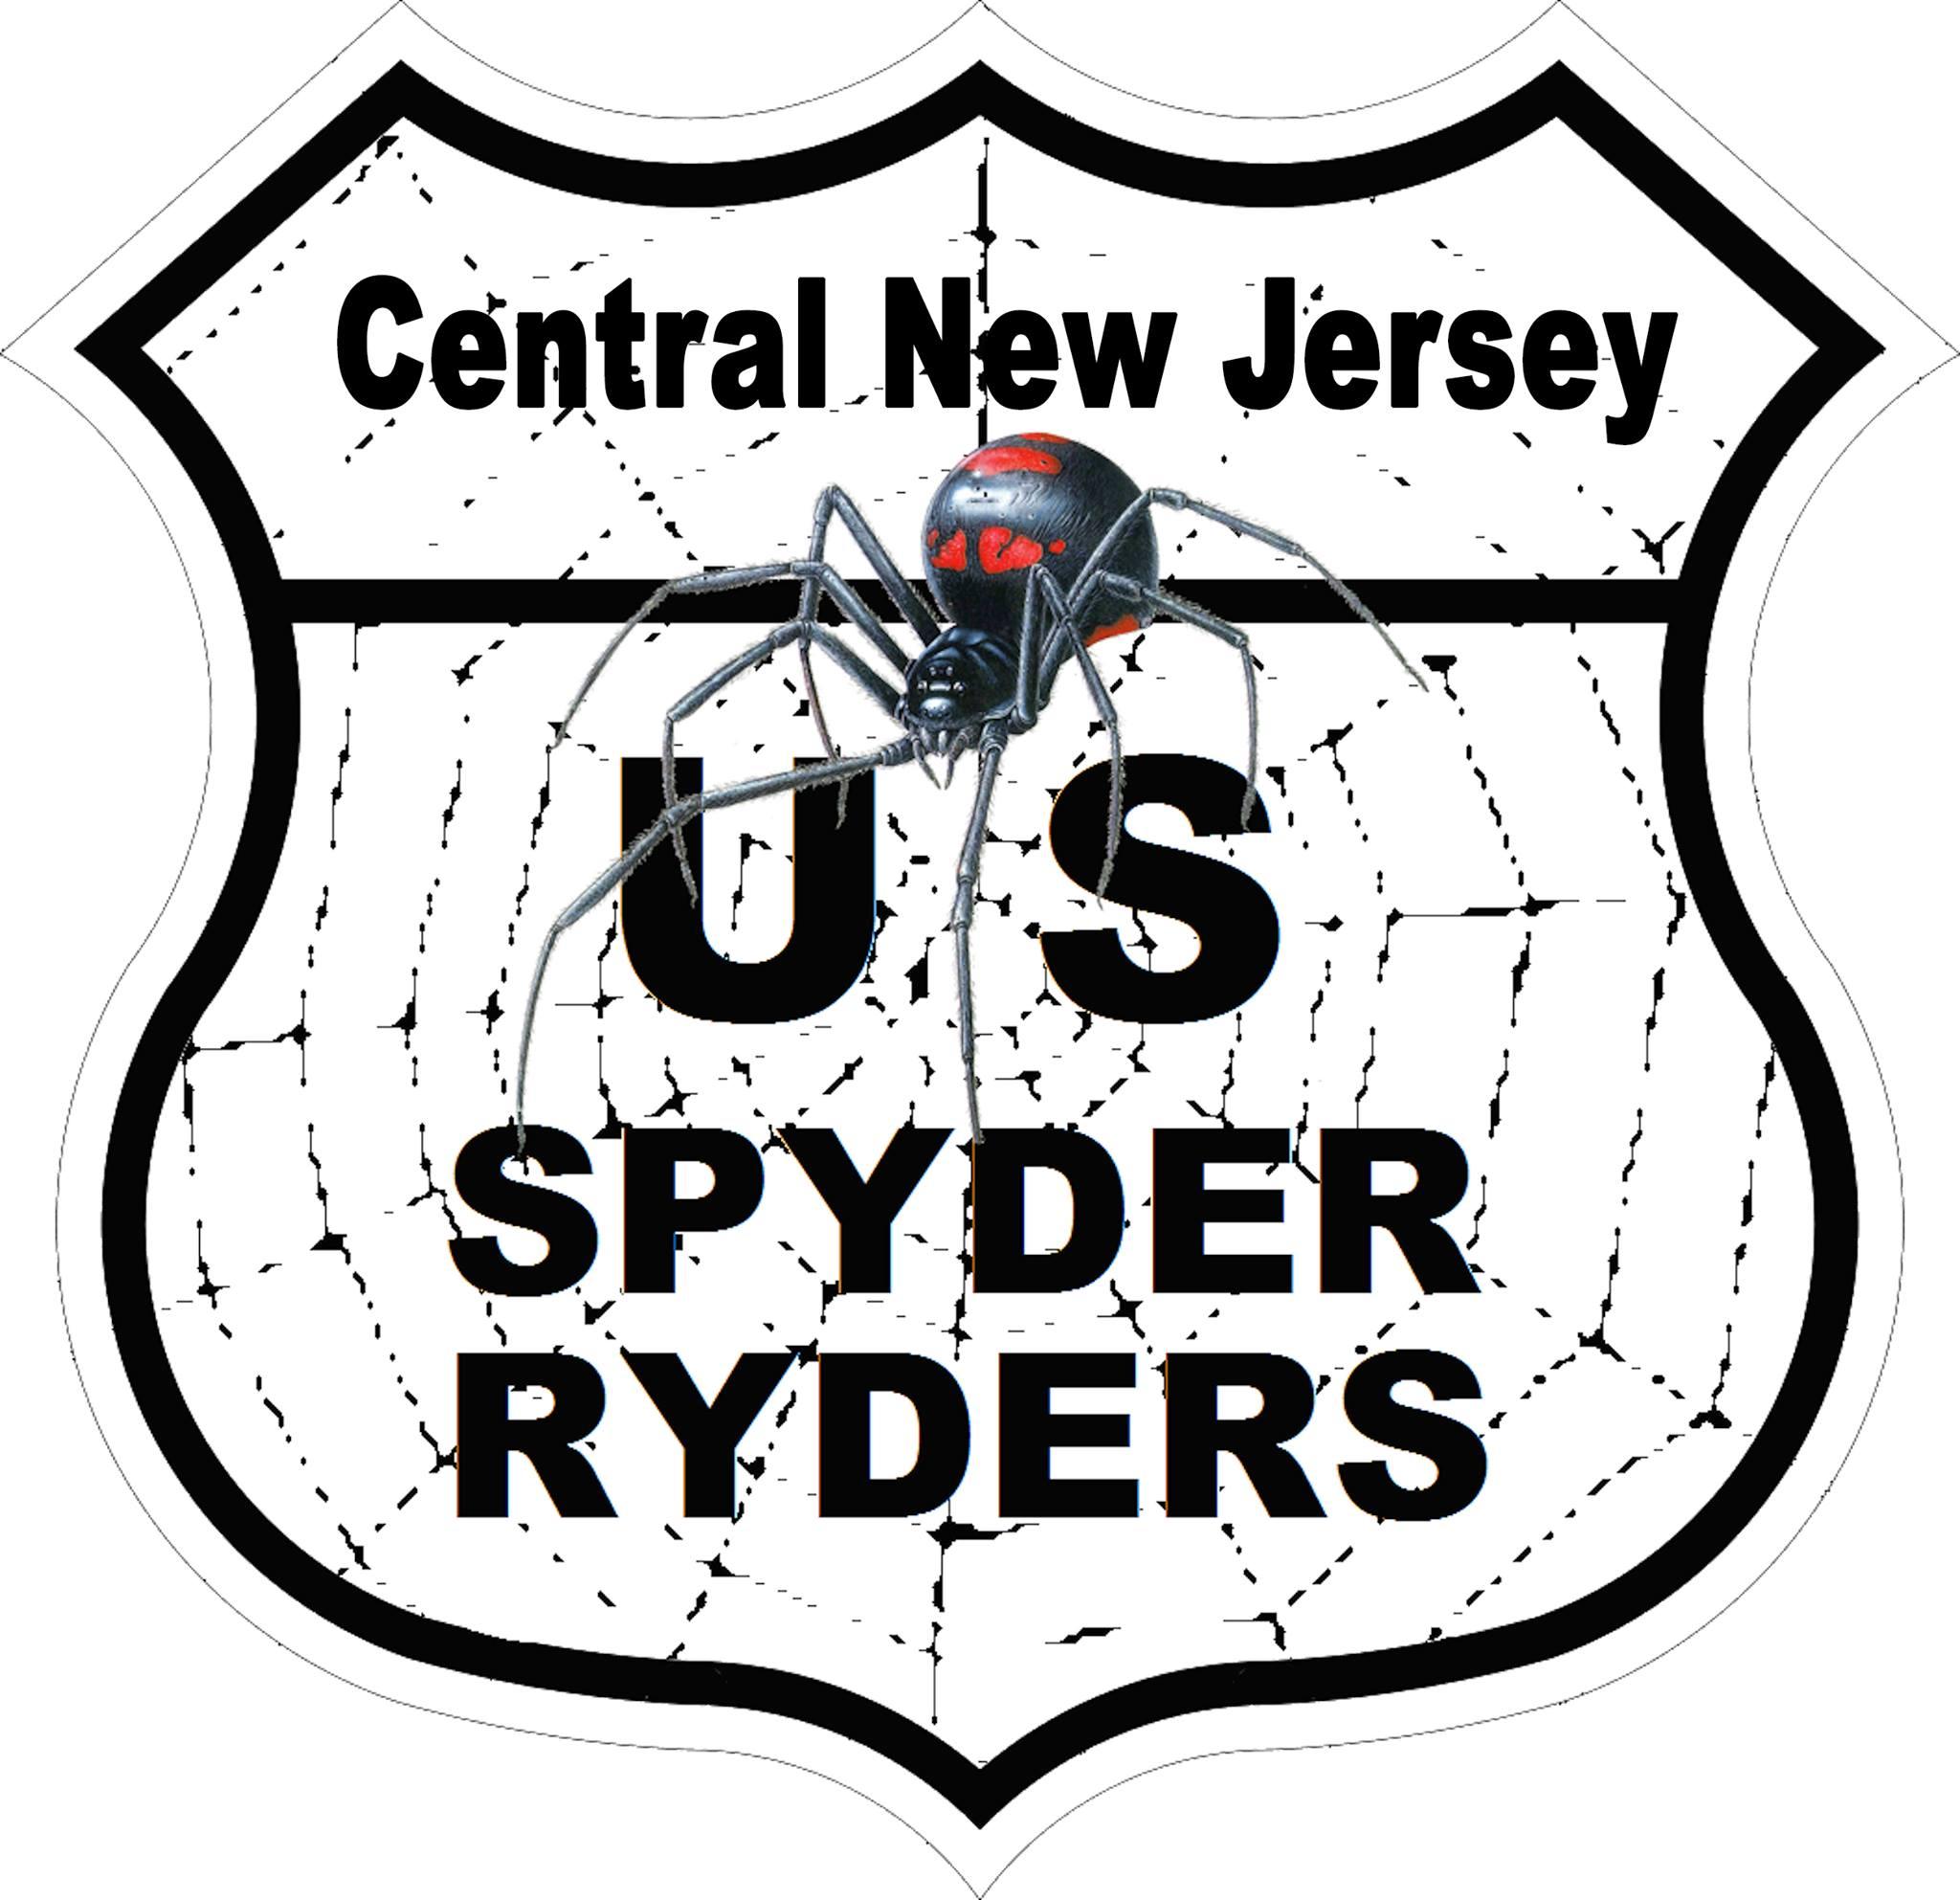 NJ-CentralNewJersey.jpg